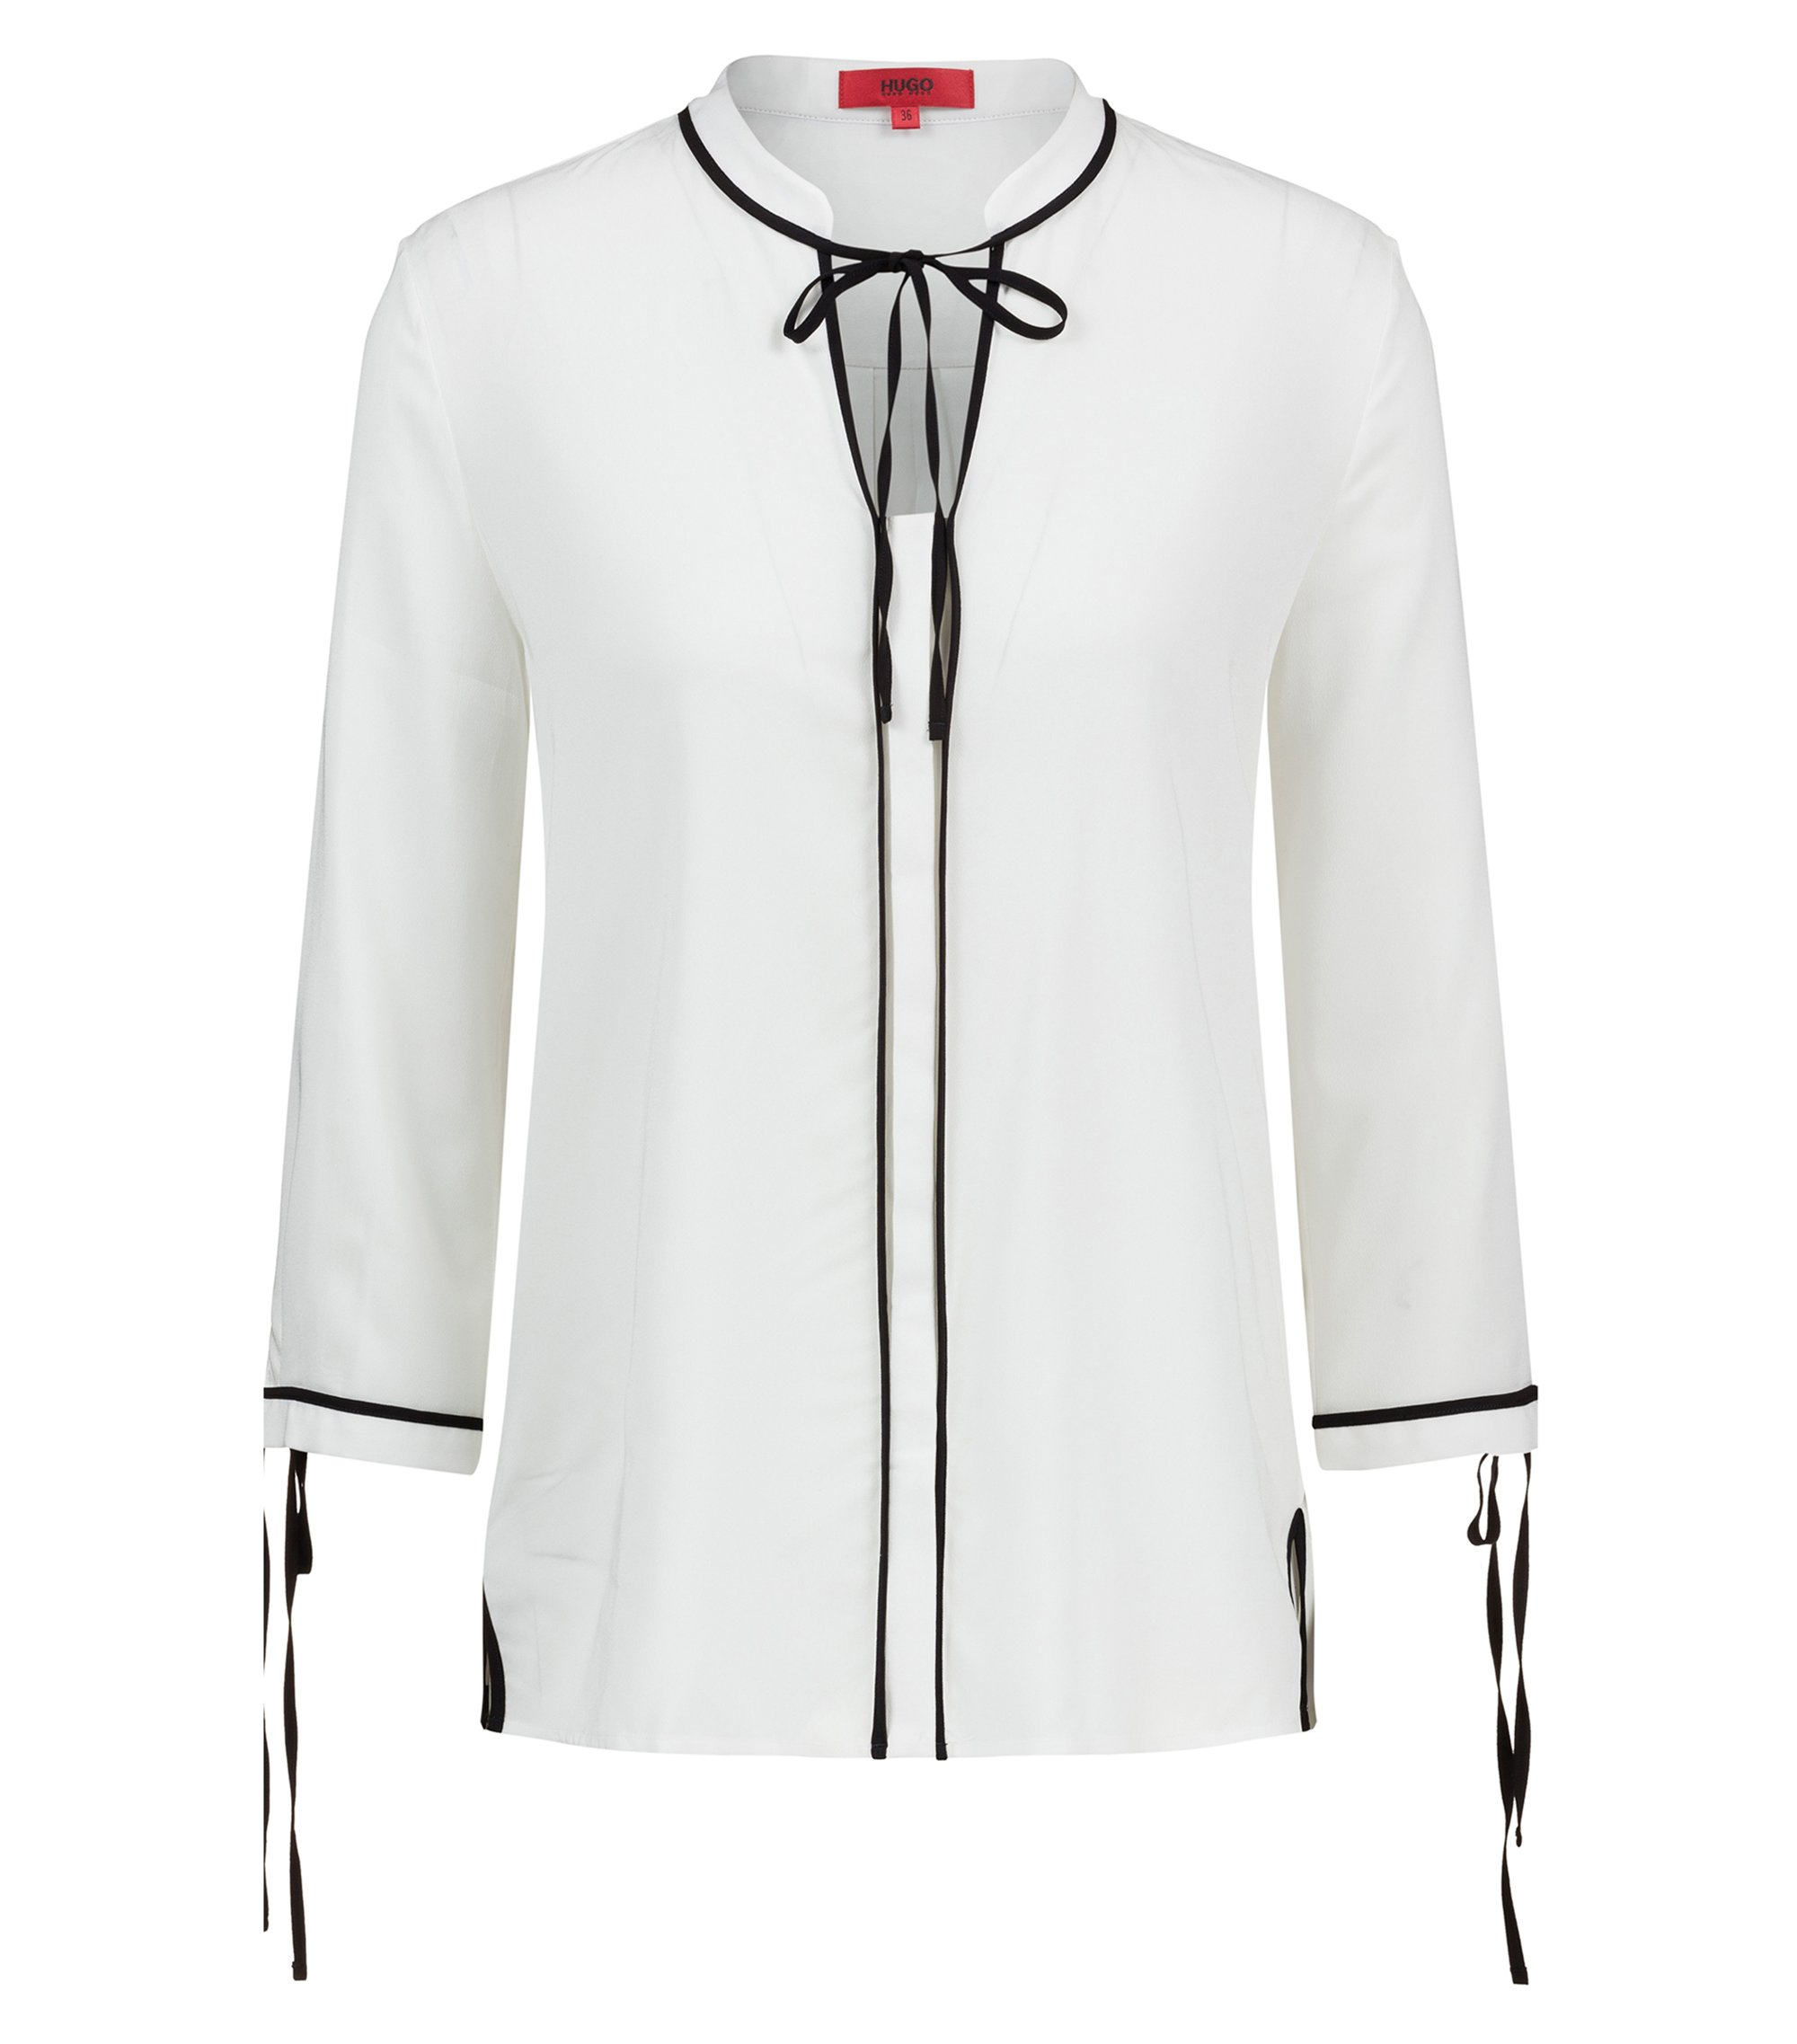 Regular-Fit Bluse mit Schleifen und kontrastfarbenen Paspeln, Natur